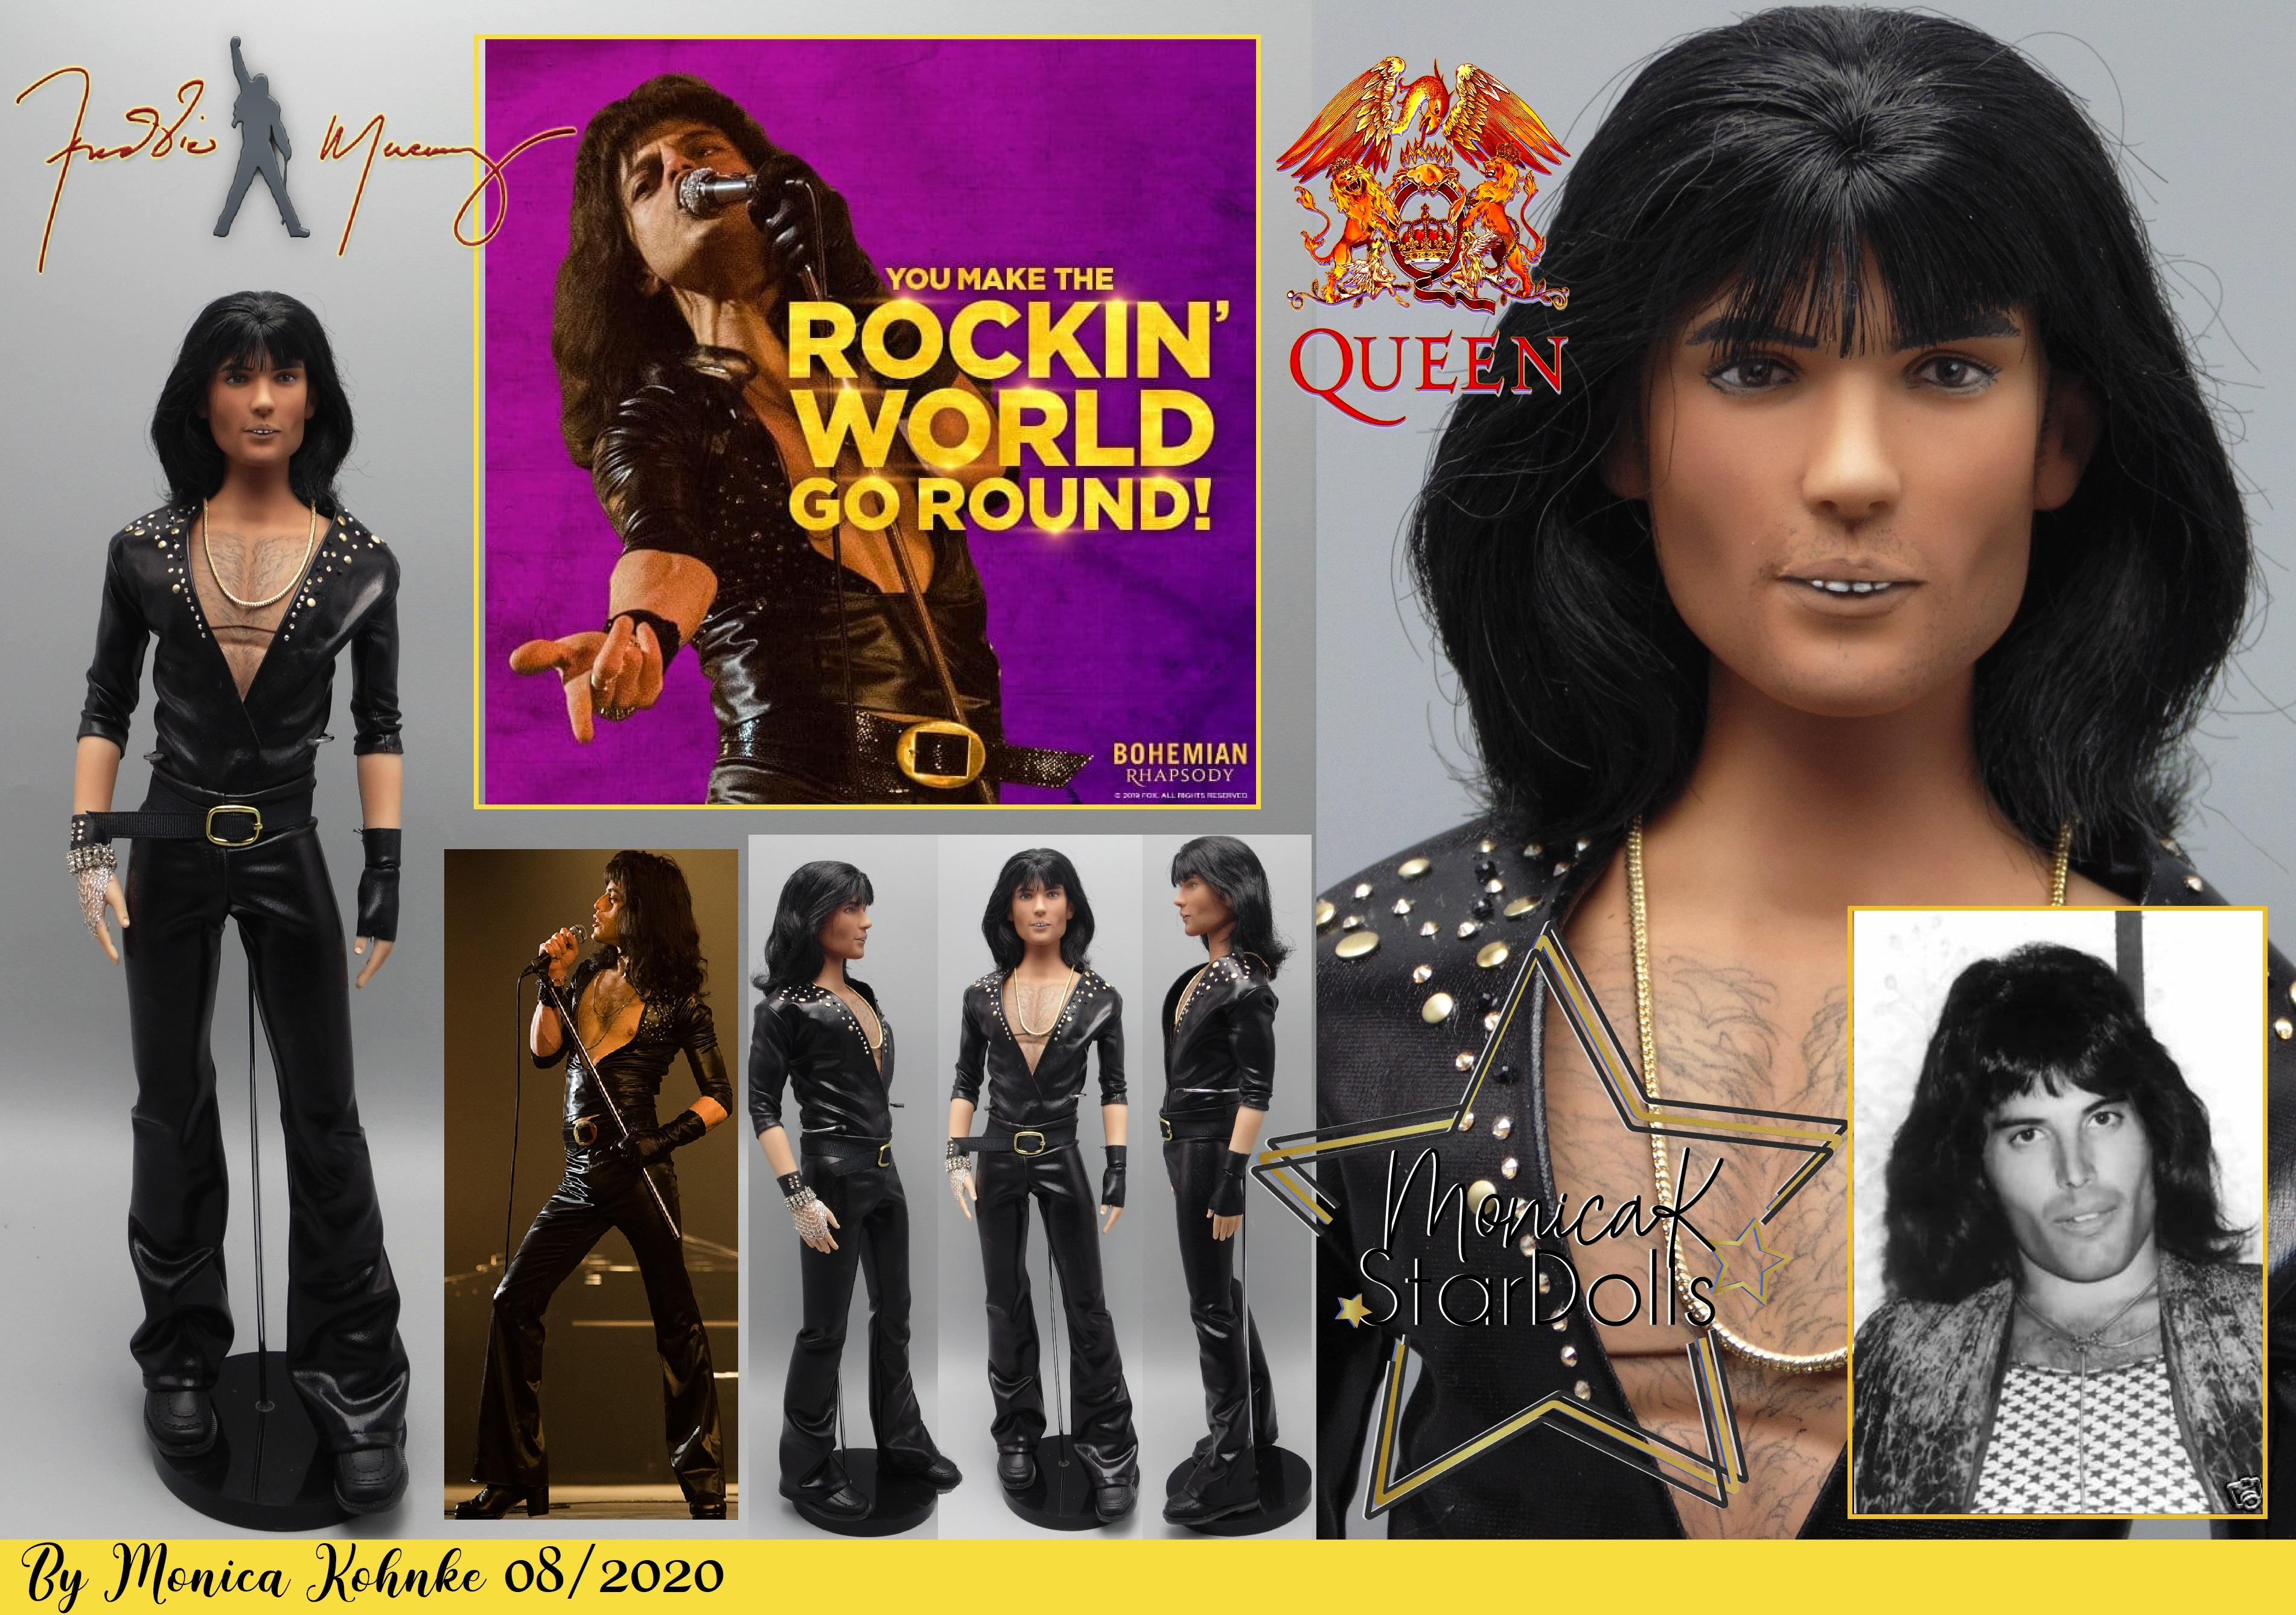 Young Freddie Mercury